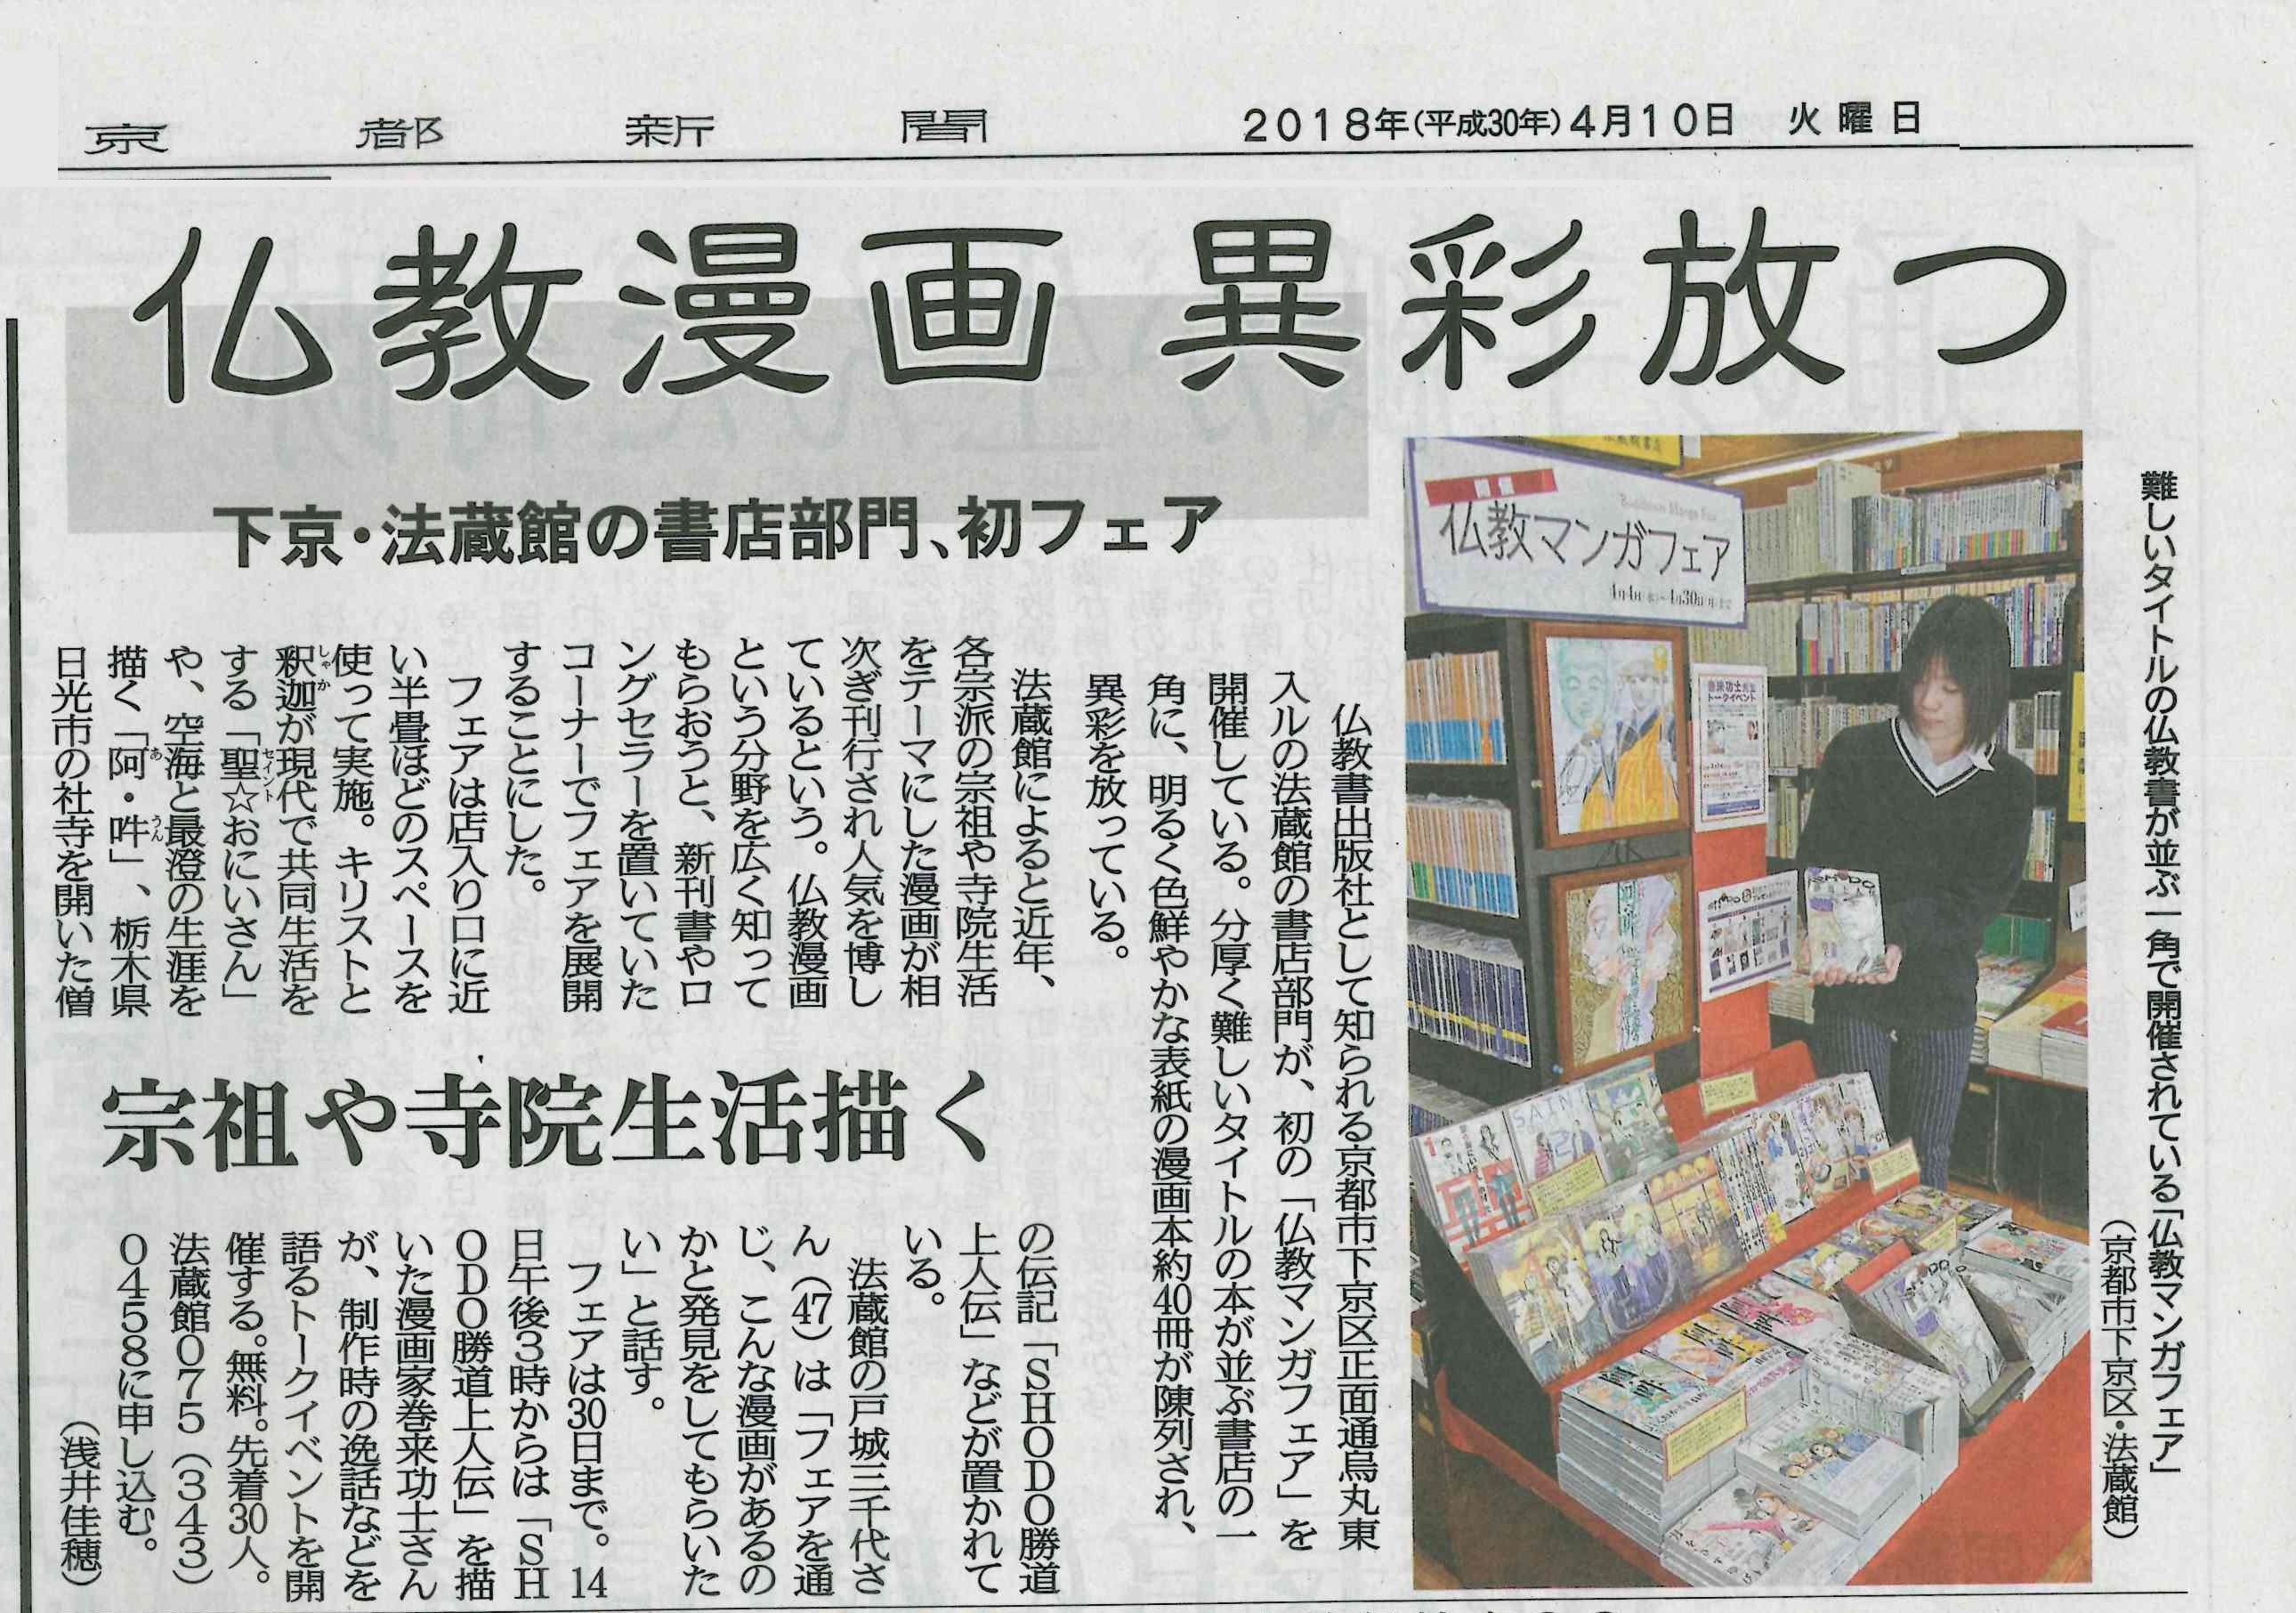 仏教漫画フェア京都新聞朝刊2018年4月10日掲載